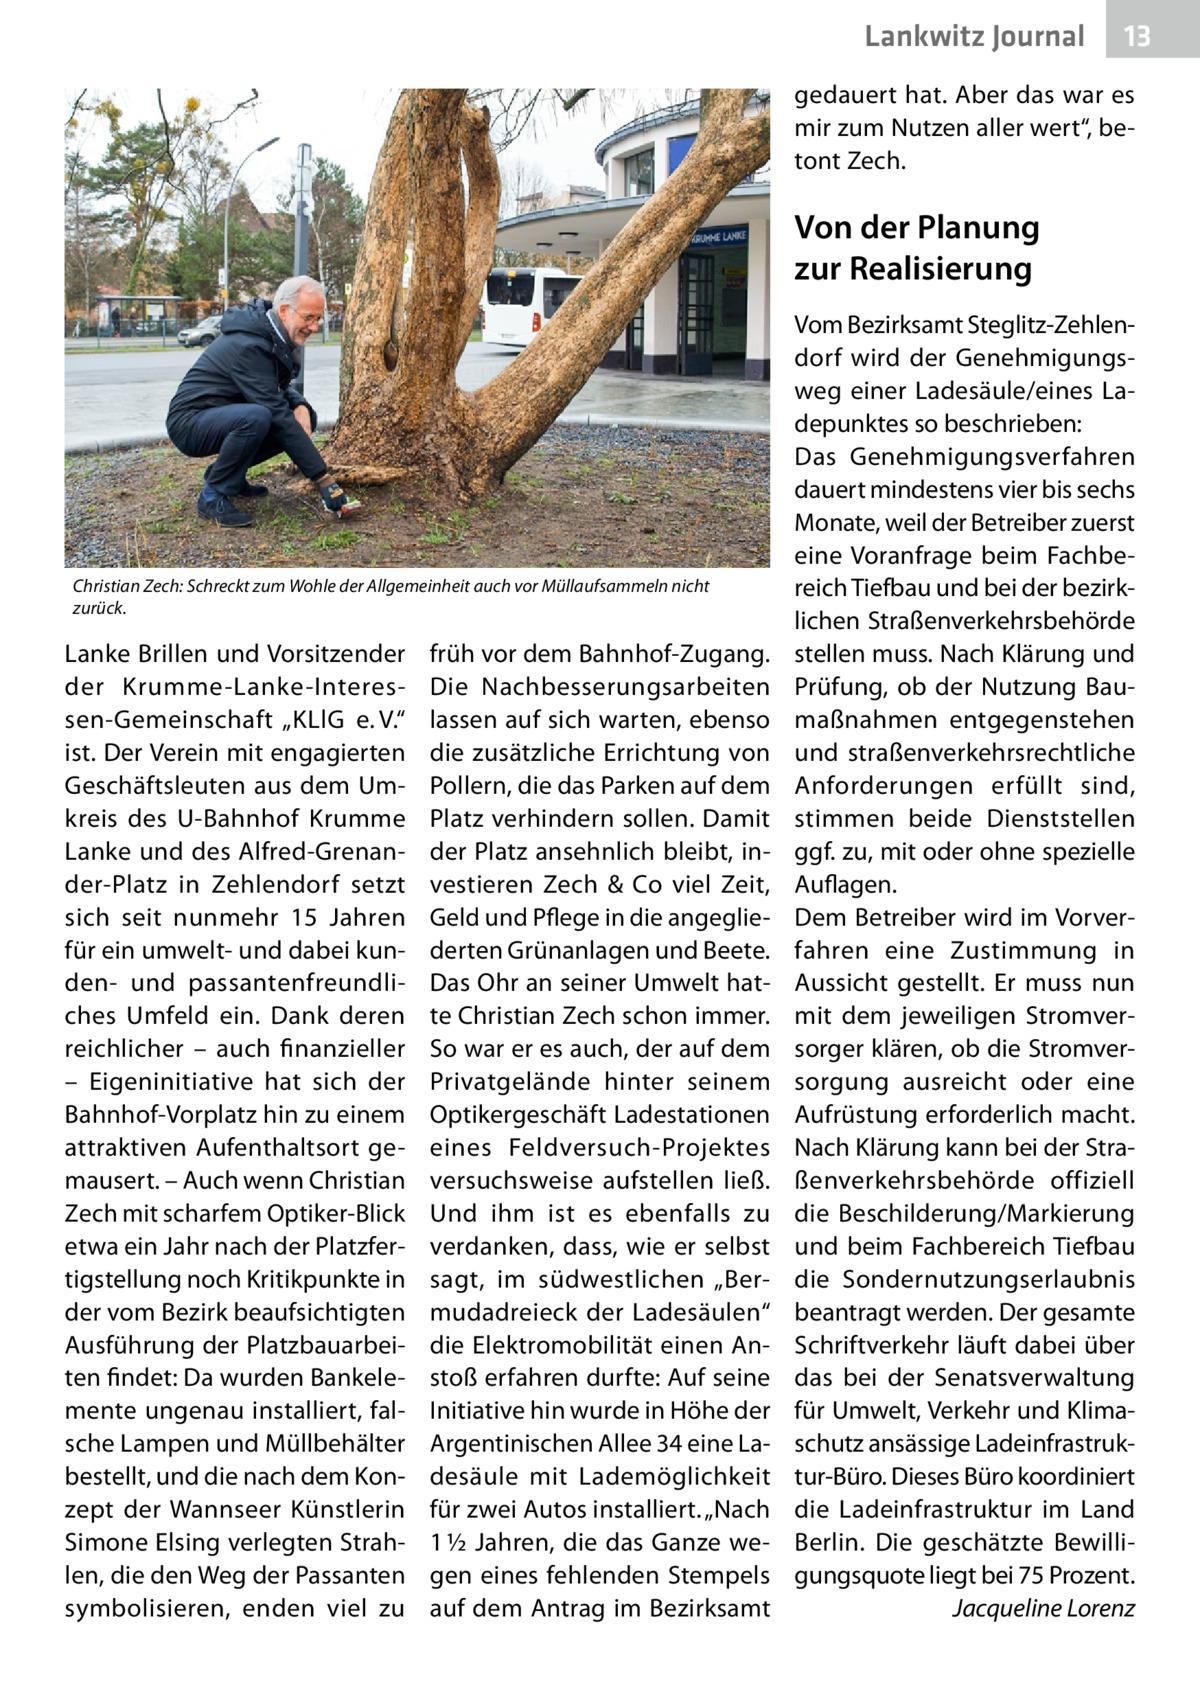 """Lankwitz Journal  13  gedauert hat. Aber das war es mir zum Nutzen aller wert"""", betont Zech.  Von der Planung zur Realisierung  Christian Zech: Schreckt zum Wohle der Allgemeinheit auch vor Müllaufsammeln nicht zurück.  Lanke Brillen und Vorsitzender der Krumme-Lanke-Interessen-Gemeinschaft """"KLlG e.V."""" ist. Der Verein mit engagierten Geschäftsleuten aus dem Umkreis des U-Bahnhof Krumme Lanke und des Alfred-Grenander-Platz in Zehlendorf setzt sich seit nunmehr 15 Jahren für ein umwelt- und dabei kunden- und passantenfreundliches Umfeld ein. Dank deren reichlicher – auch finanzieller – Eigeninitiative hat sich der Bahnhof-Vorplatz hin zu einem attraktiven Aufenthaltsort gemausert. – Auch wenn Christian Zech mit scharfem Optiker-Blick etwa ein Jahr nach der Platzfertigstellung noch Kritikpunkte in der vom Bezirk beaufsichtigten Ausführung der Platzbauarbeiten findet: Da wurden Bankelemente ungenau installiert, falsche Lampen und Müllbehälter bestellt, und die nach dem Konzept der Wannseer Künstlerin Simone Elsing verlegten Strahlen, die den Weg der Passanten symbolisieren, enden viel zu  früh vor dem Bahnhof-Zugang. Die Nachbesserungsarbeiten lassen auf sich warten, ebenso die zusätzliche Errichtung von Pollern, die das Parken auf dem Platz verhindern sollen. Damit der Platz ansehnlich bleibt, investieren Zech & Co viel Zeit, Geld und Pflege in die angegliederten Grünanlagen und Beete. Das Ohr an seiner Umwelt hatte Christian Zech schon immer. So war er es auch, der auf dem Privatgelände hinter seinem Optikergeschäft Ladestationen eines Feldversuch-Projektes versuchsweise aufstellen ließ. Und ihm ist es ebenfalls zu verdanken, dass, wie er selbst sagt, im südwestlichen """"Bermudadreieck der Ladesäulen"""" die Elektromobilität einen Anstoß erfahren durfte: Auf seine Initiative hin wurde in Höhe der Argentinischen Allee34 eine Ladesäule mit Lademöglichkeit für zwei Autos installiert. """"Nach 1½Jahren, die das Ganze wegen eines fehlenden Stempels auf dem Antrag im Bezirksamt  Vo"""